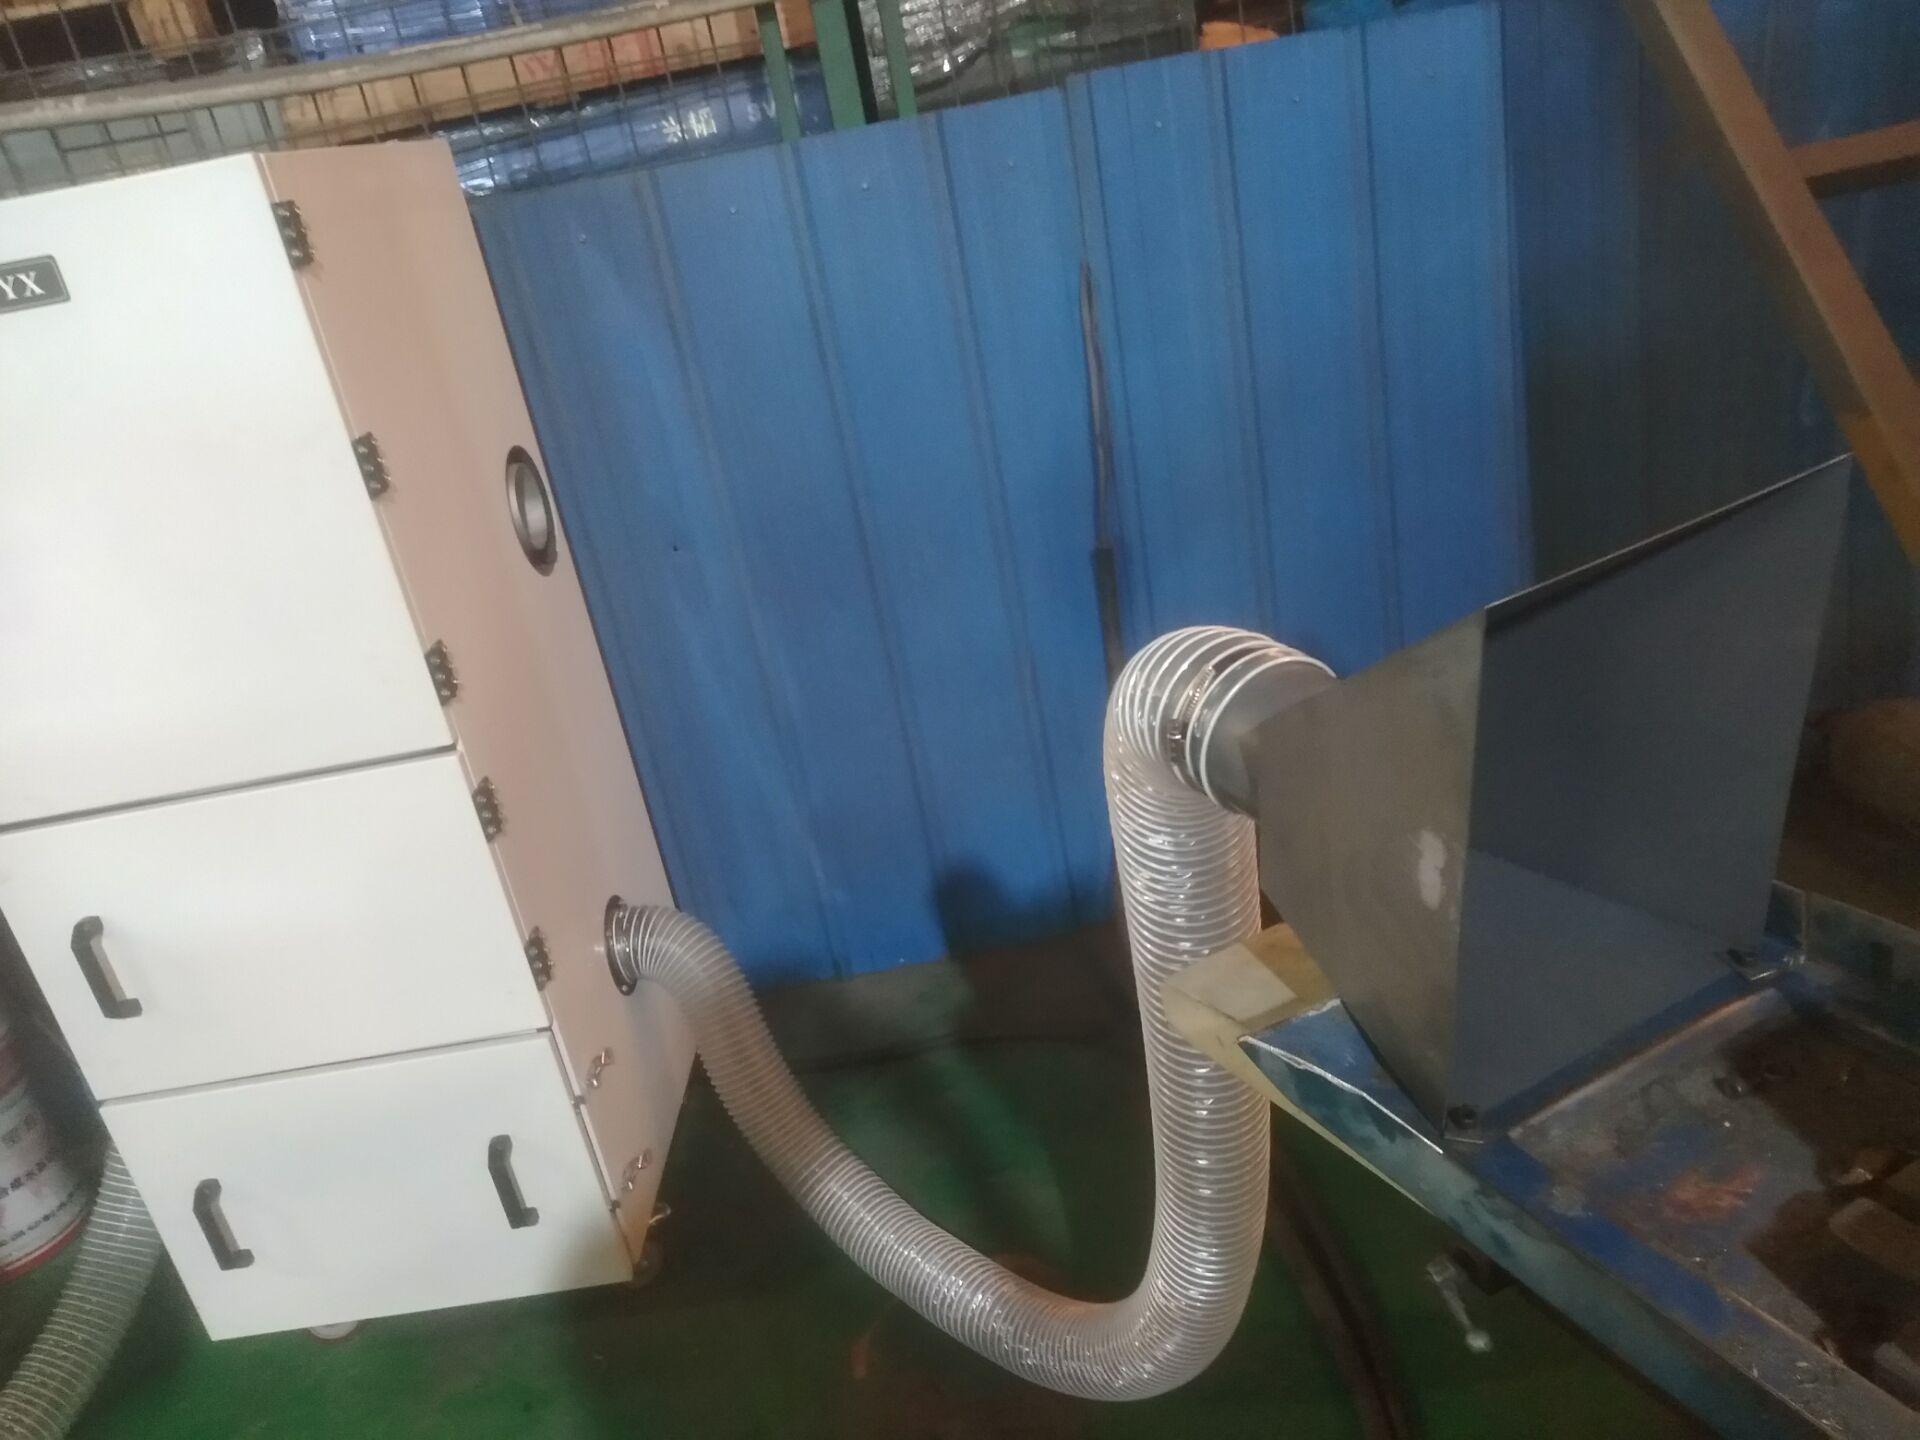 工业磨床吸尘器 1.5KW磨床粉尘集尘机 率磨床集尘器厂家示例图18